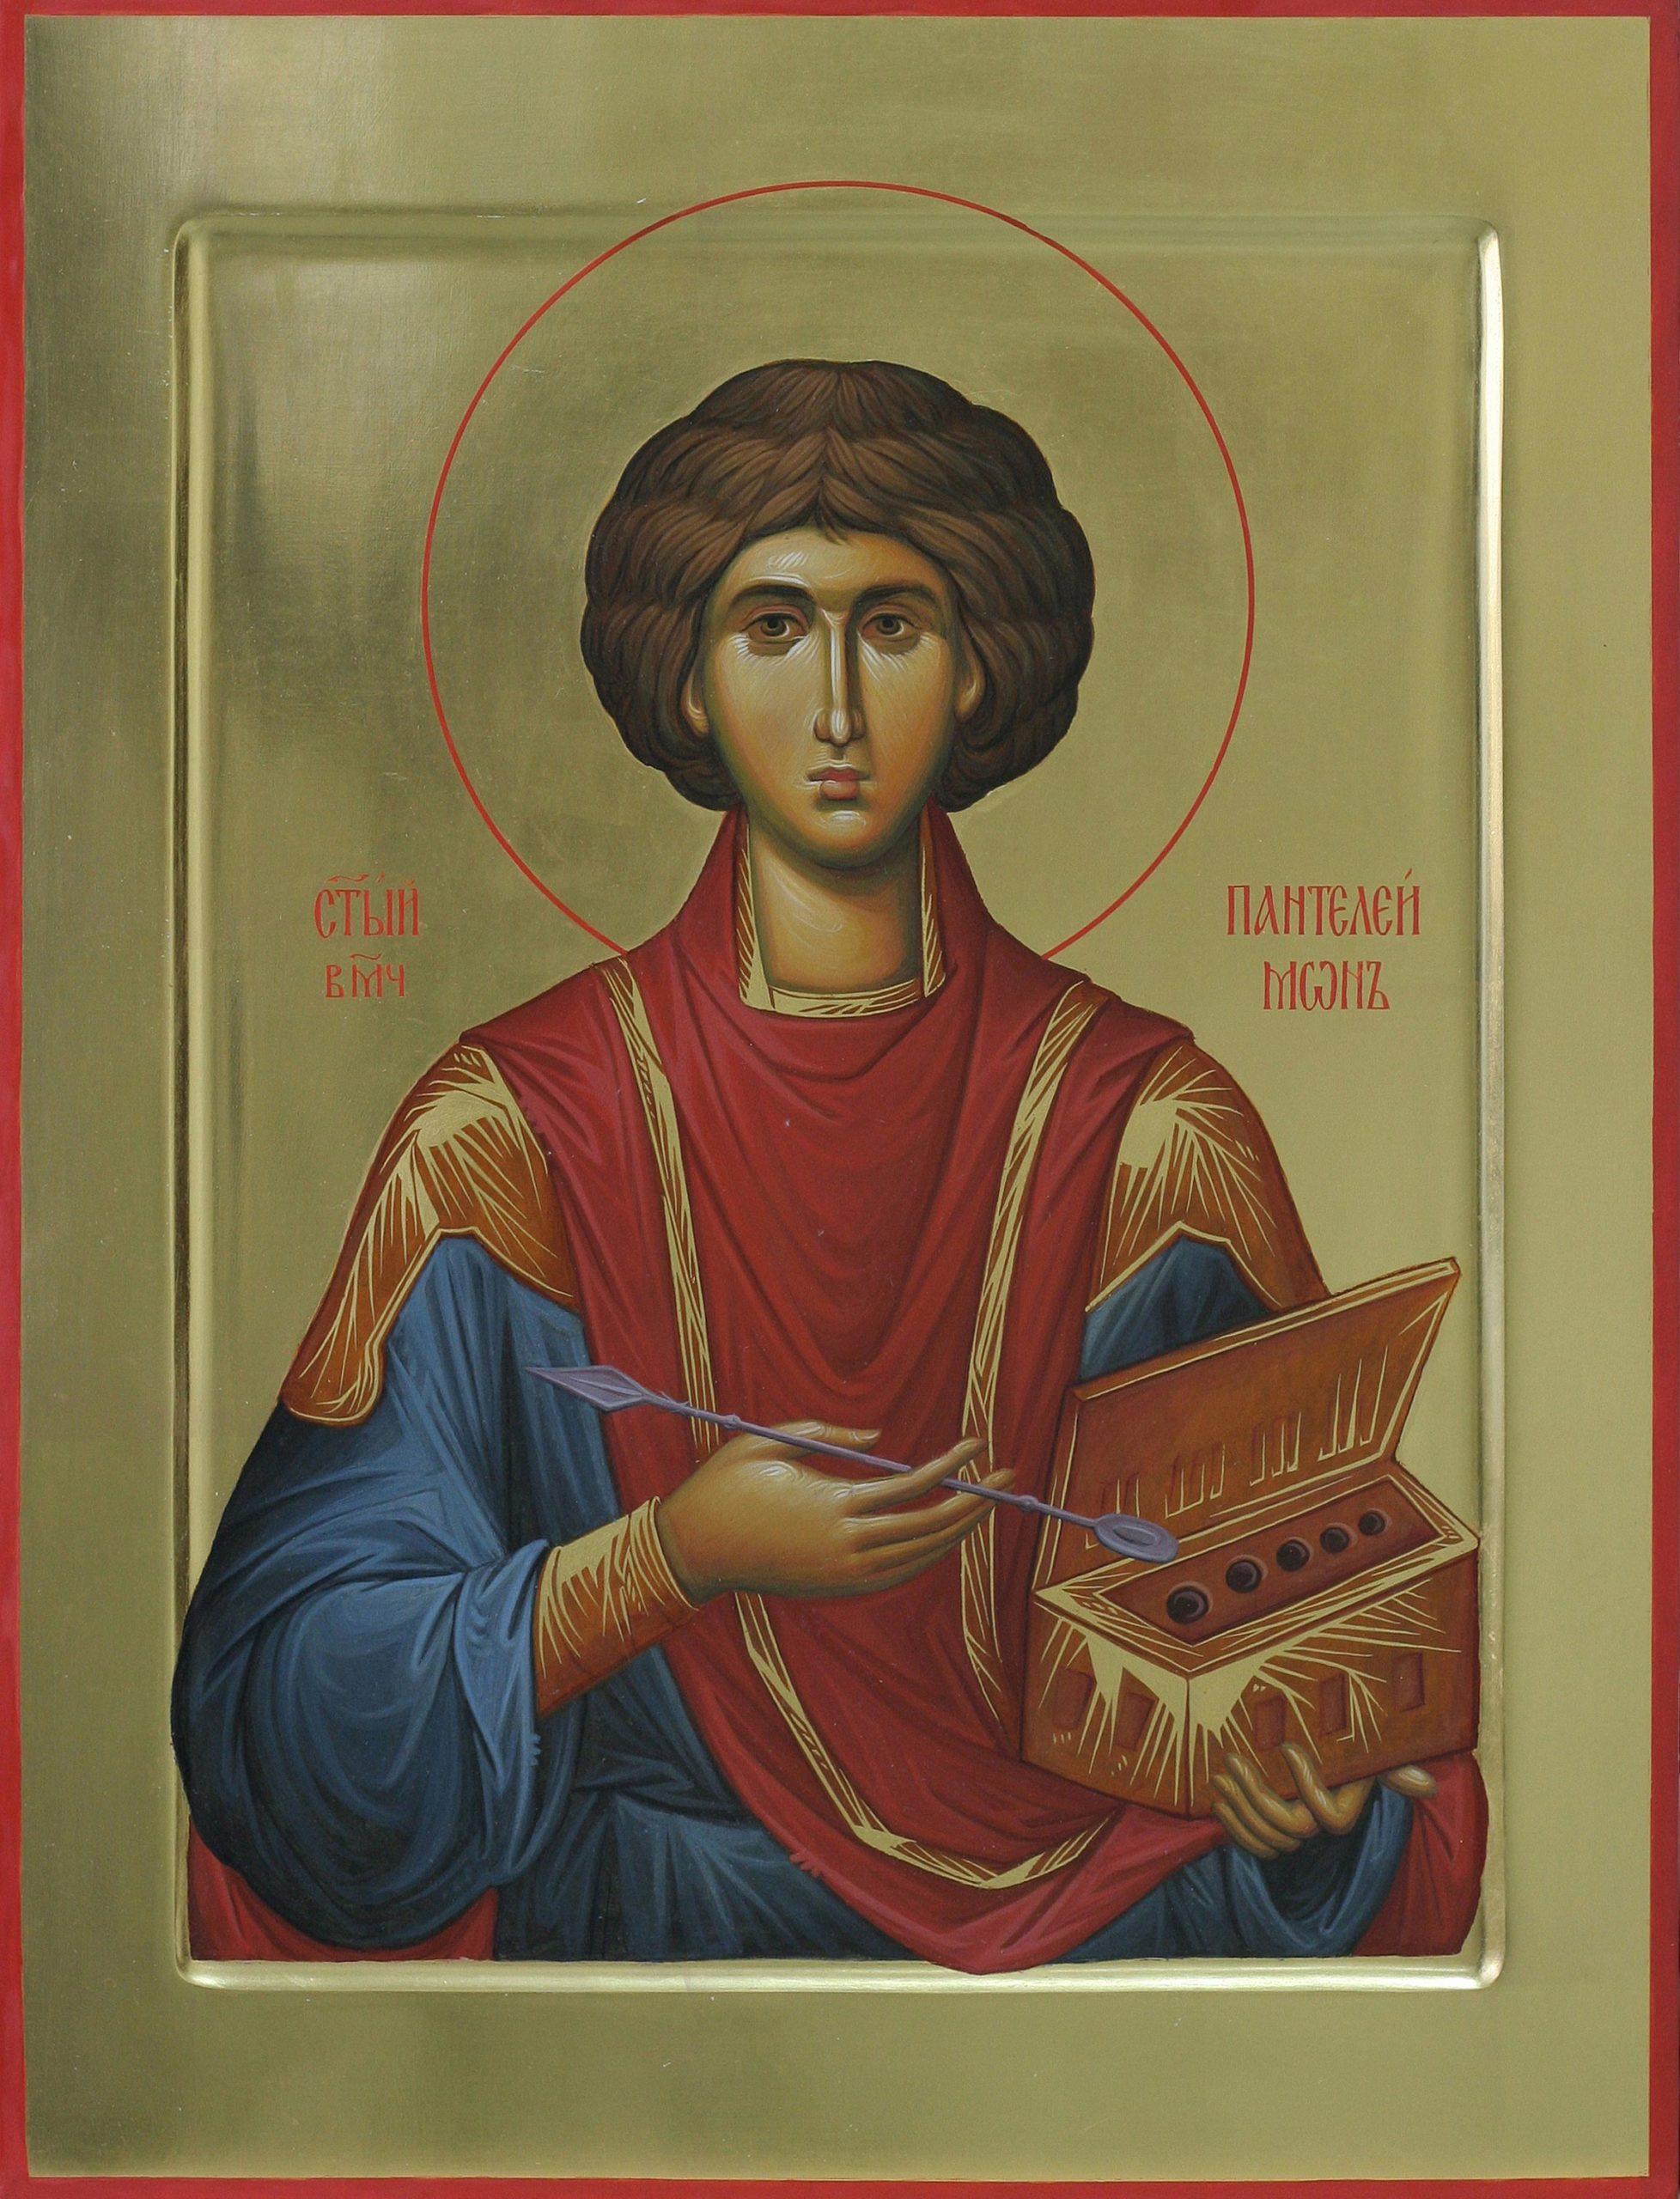 Икона Святого Пантелеймона.